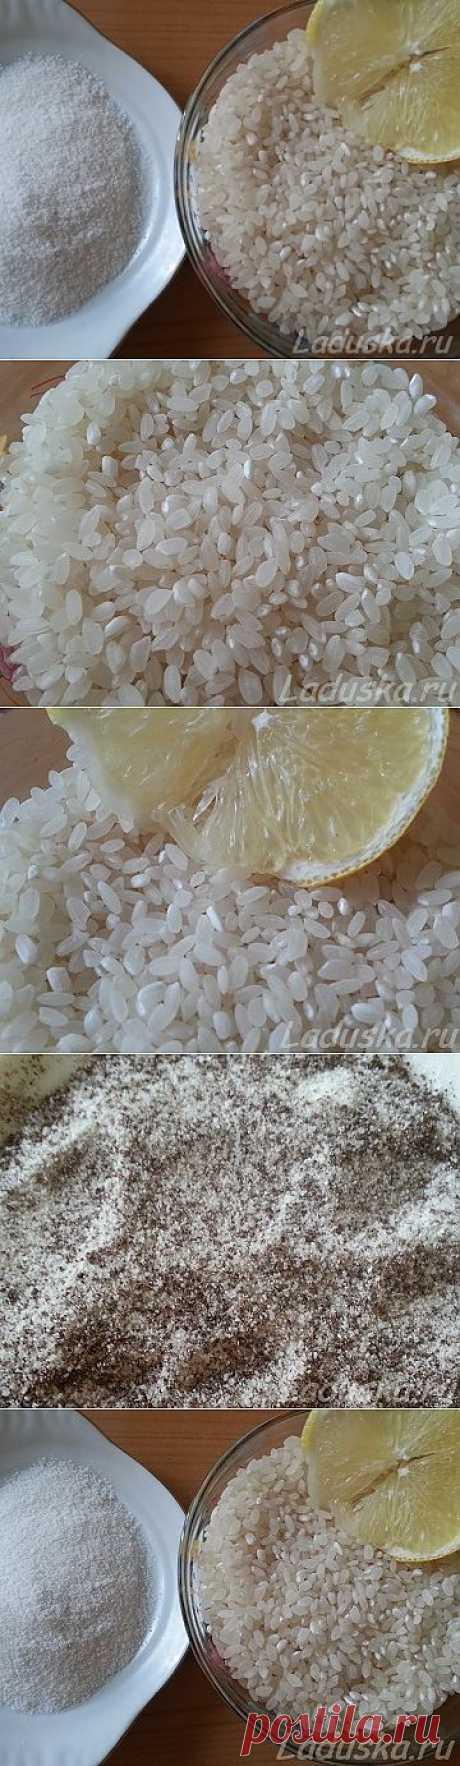 Рисовые скрабы для лица